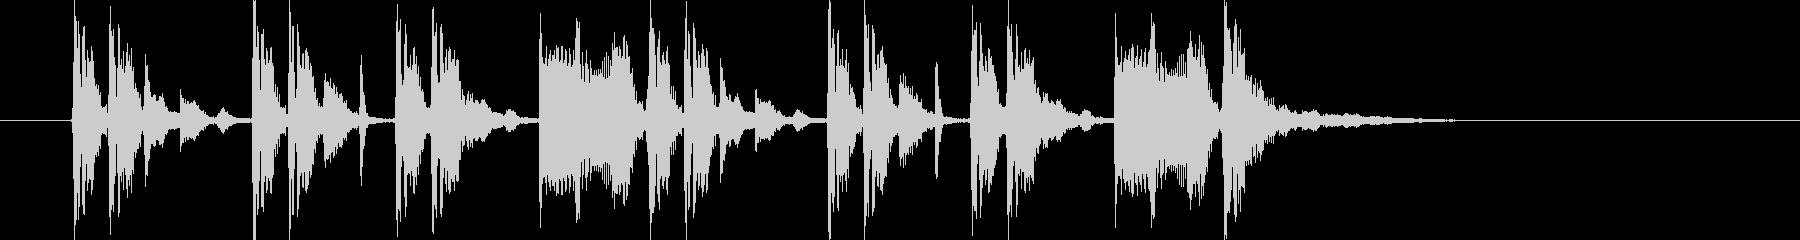 神秘的でヘビーなシンセジングルの未再生の波形